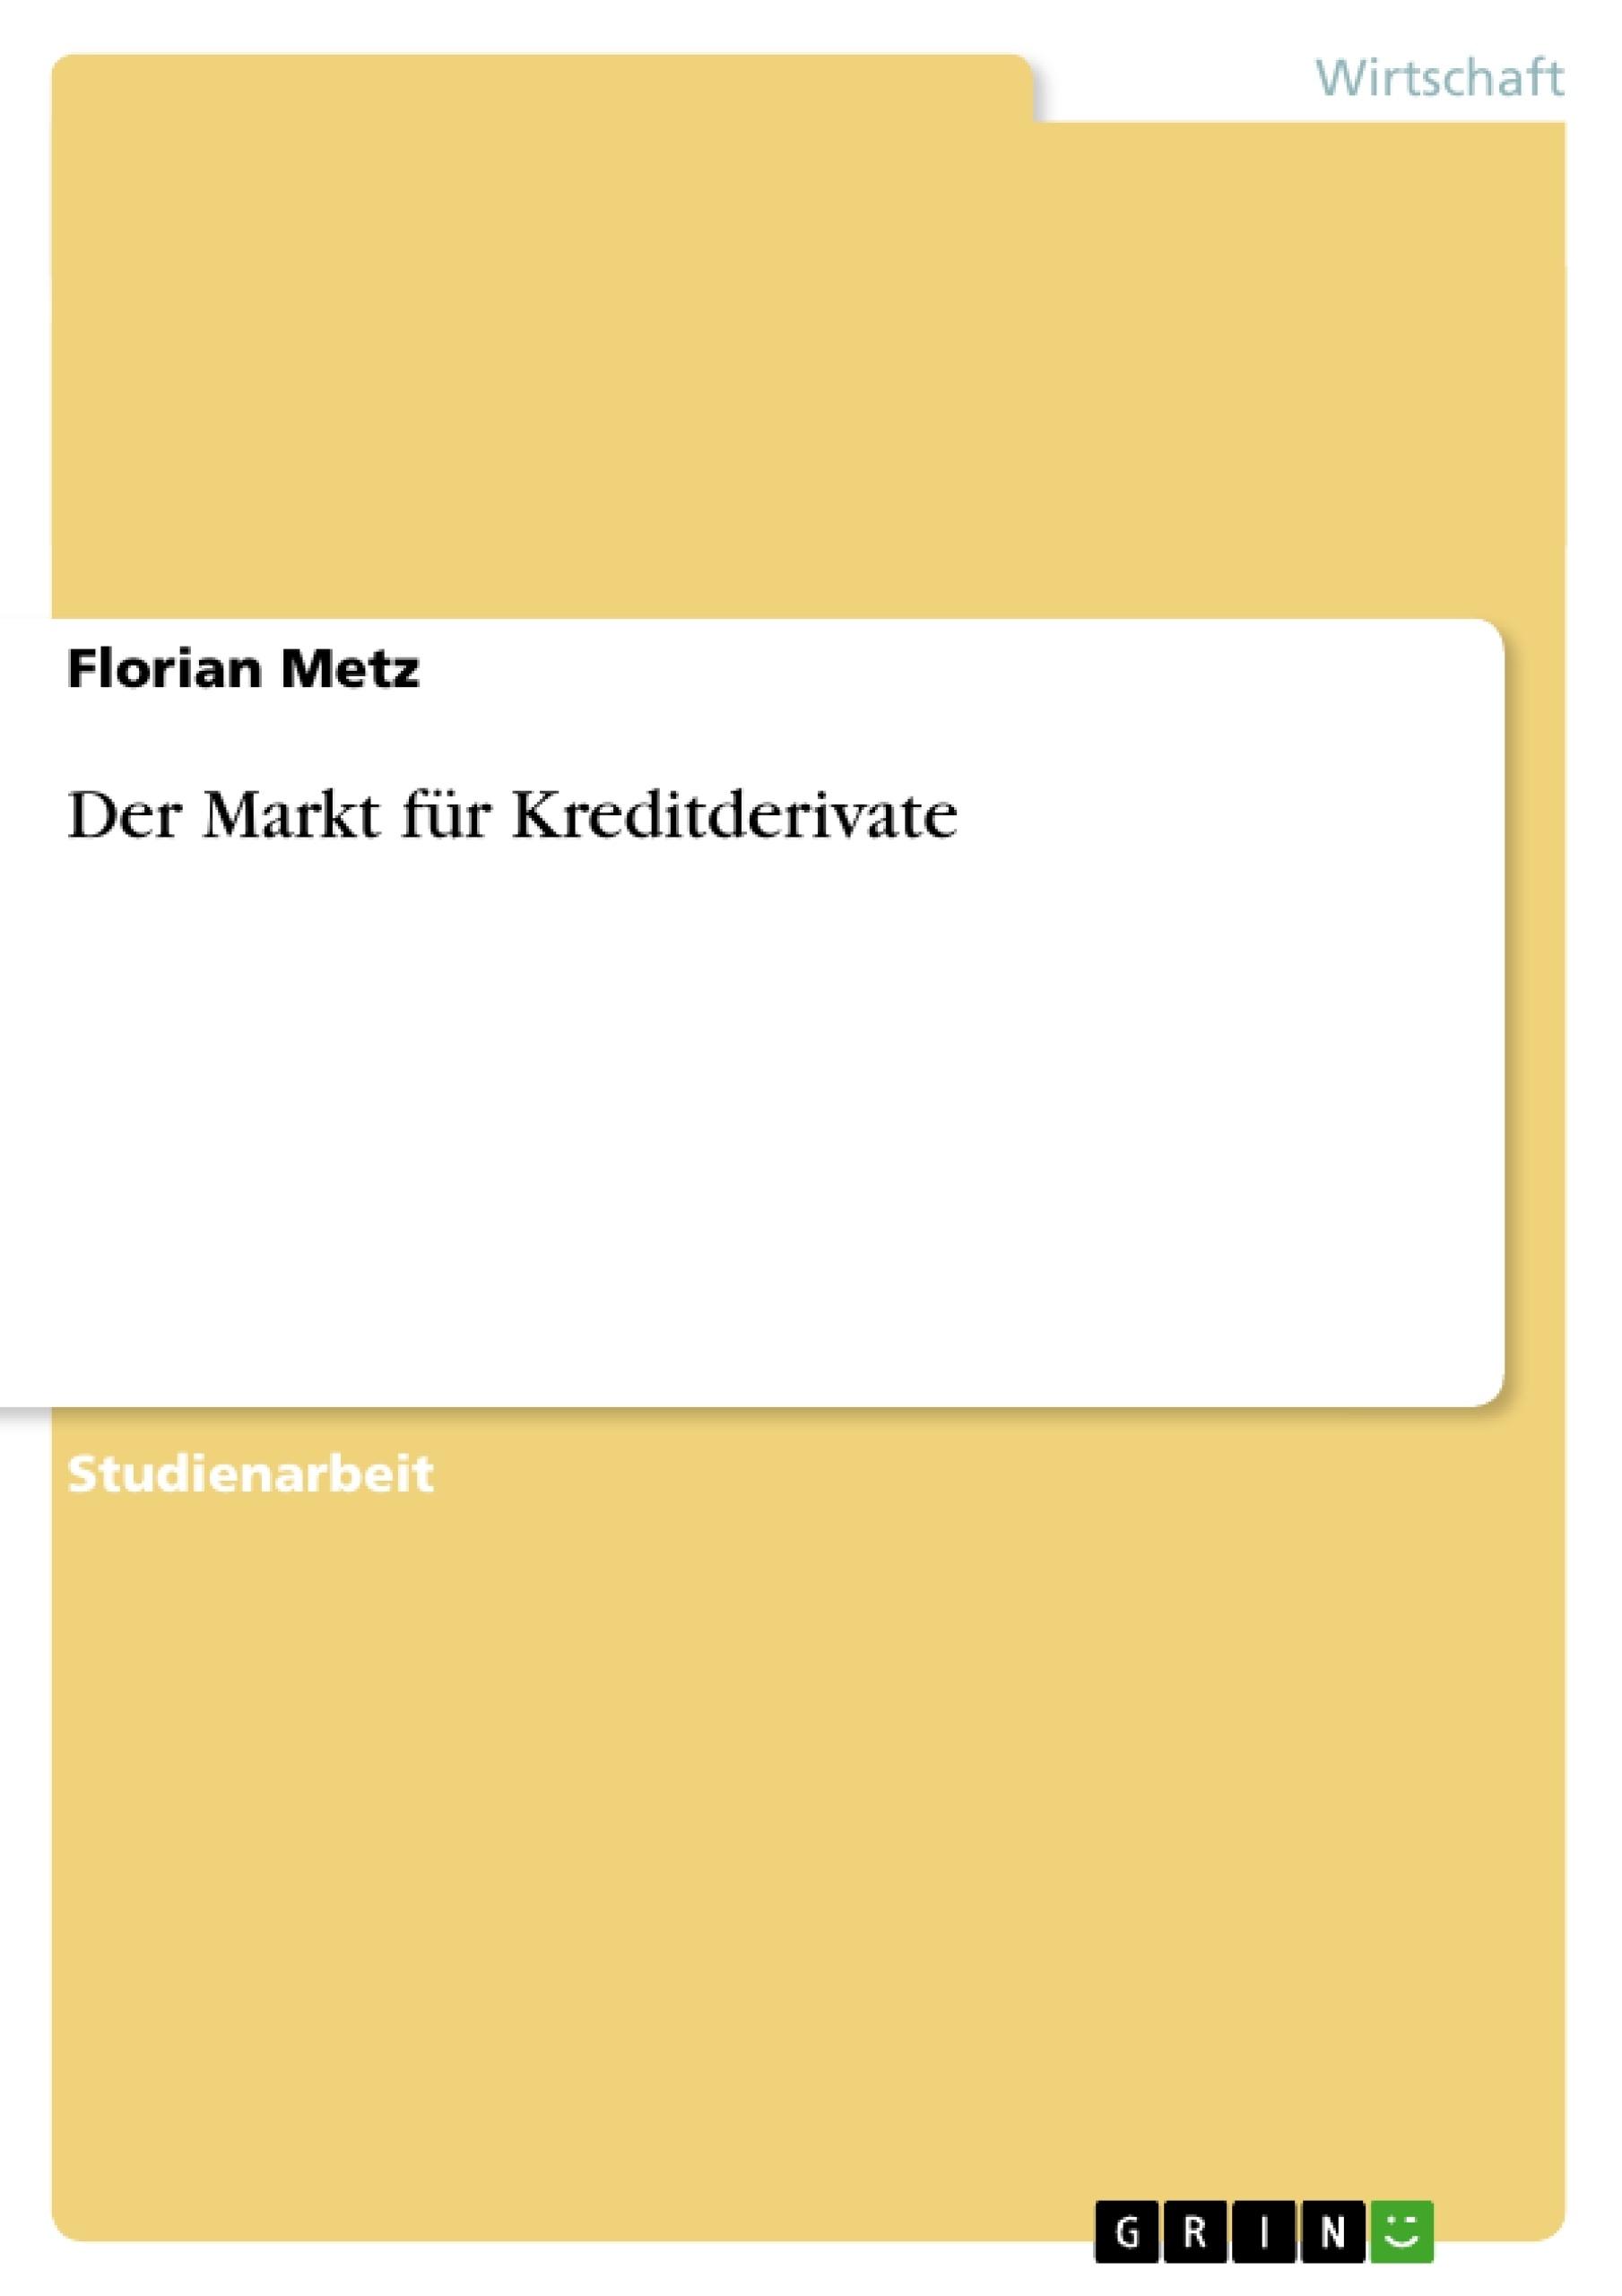 Titel: Der Markt für Kreditderivate